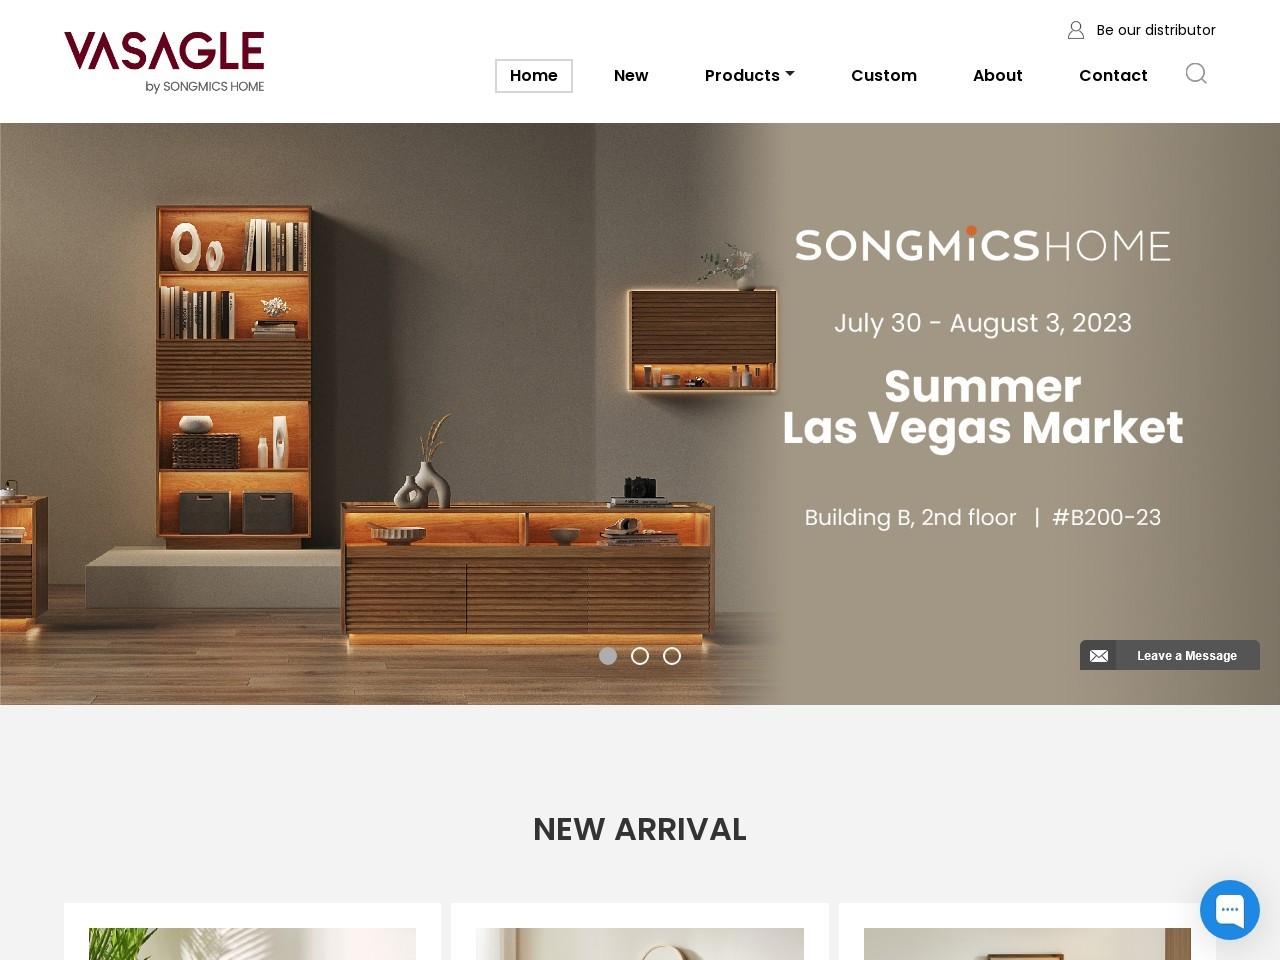 Living Room Furniture for Sale|Furniture Supplier|VASAGLE